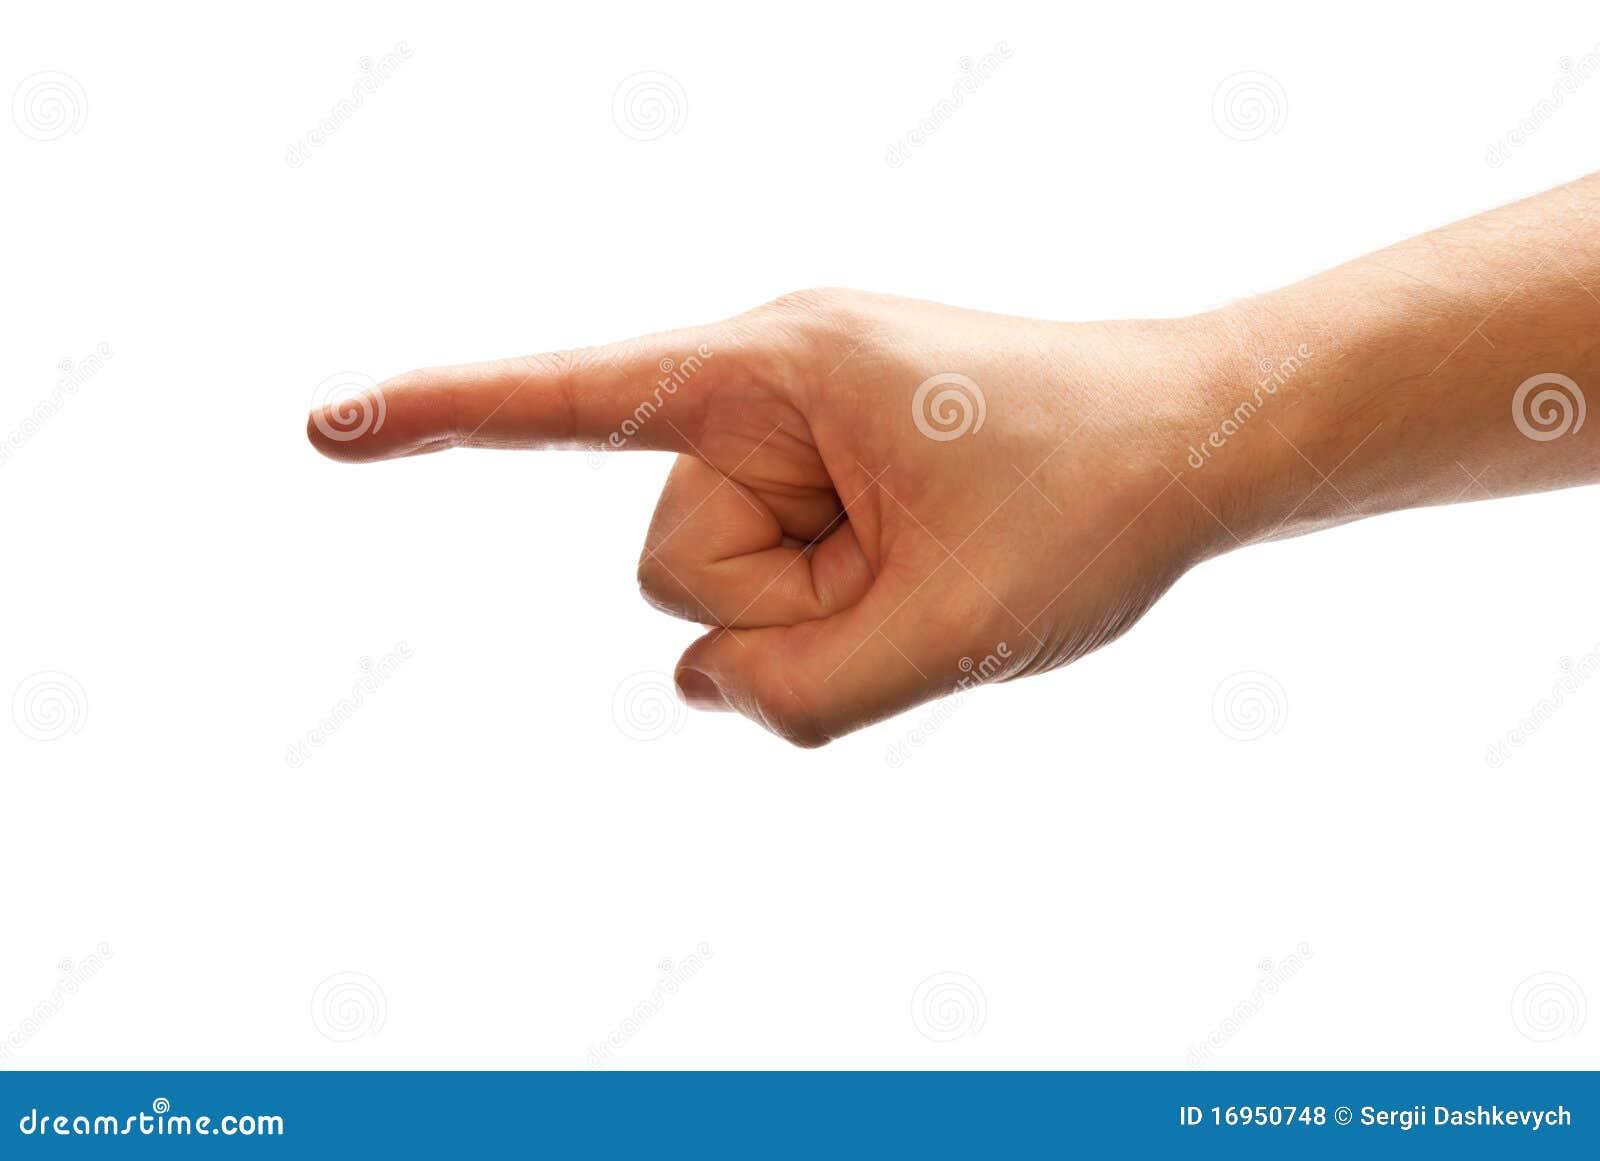 Как жестами поздравления